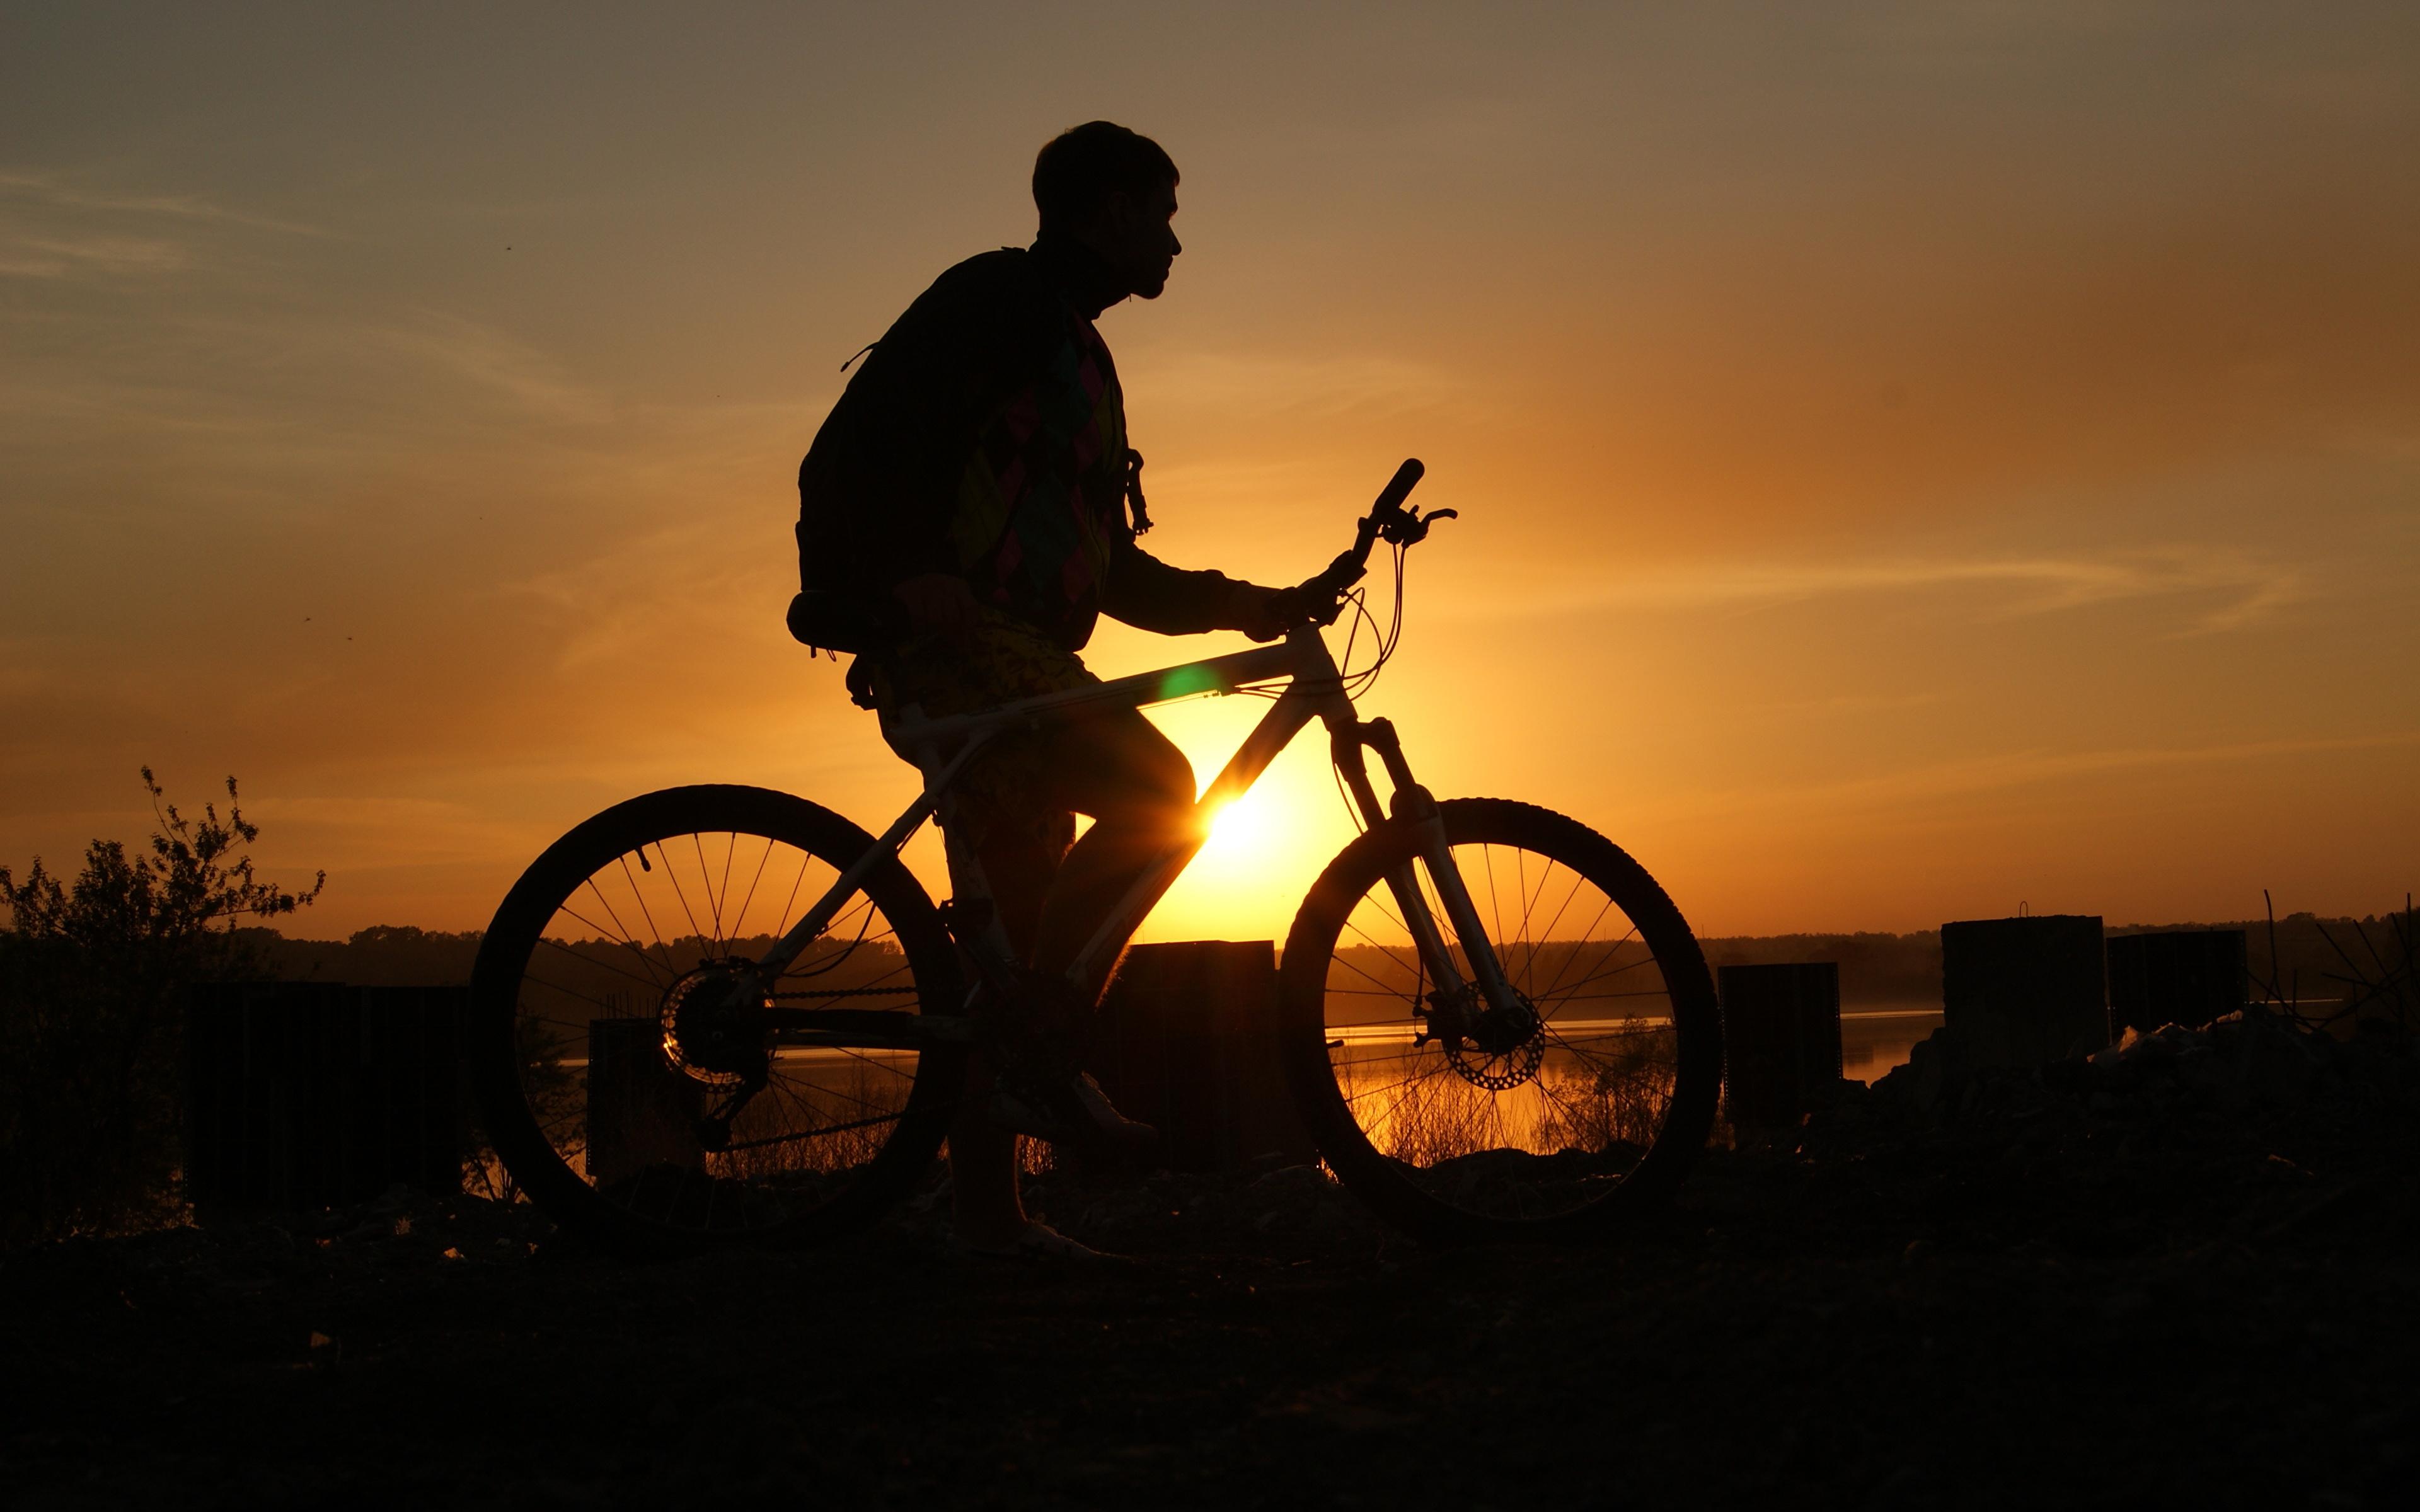 Фотография Мужчины силуэта велосипеды рассвет и закат Сбоку 3840x2400 мужчина Силуэт силуэты Велосипед велосипеде Рассветы и закаты